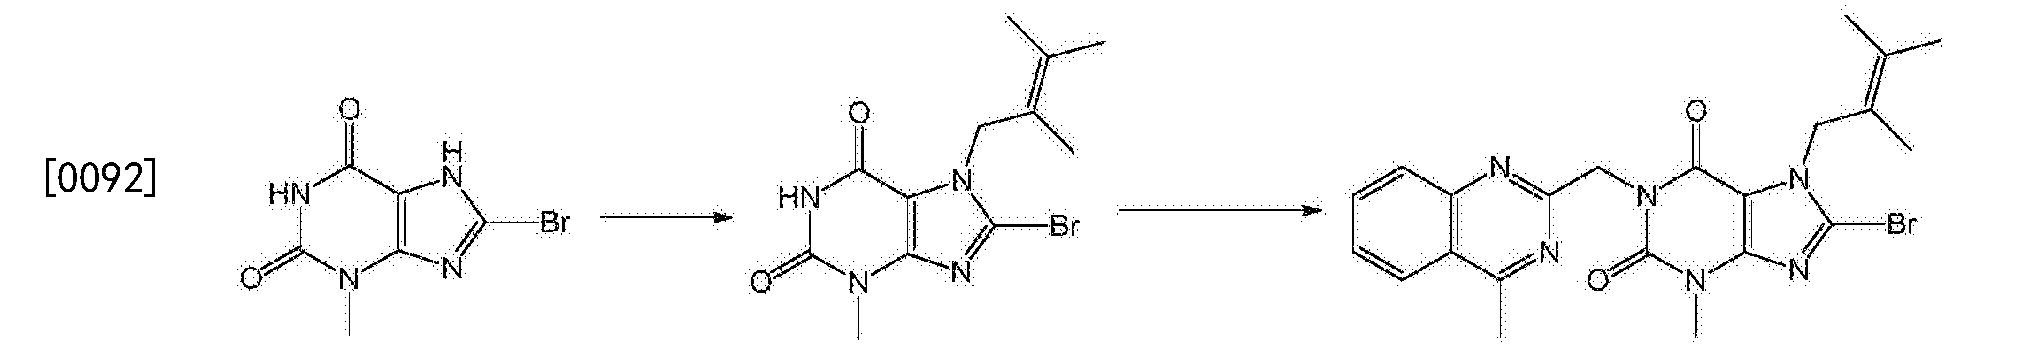 Figure CN105503873BD00122